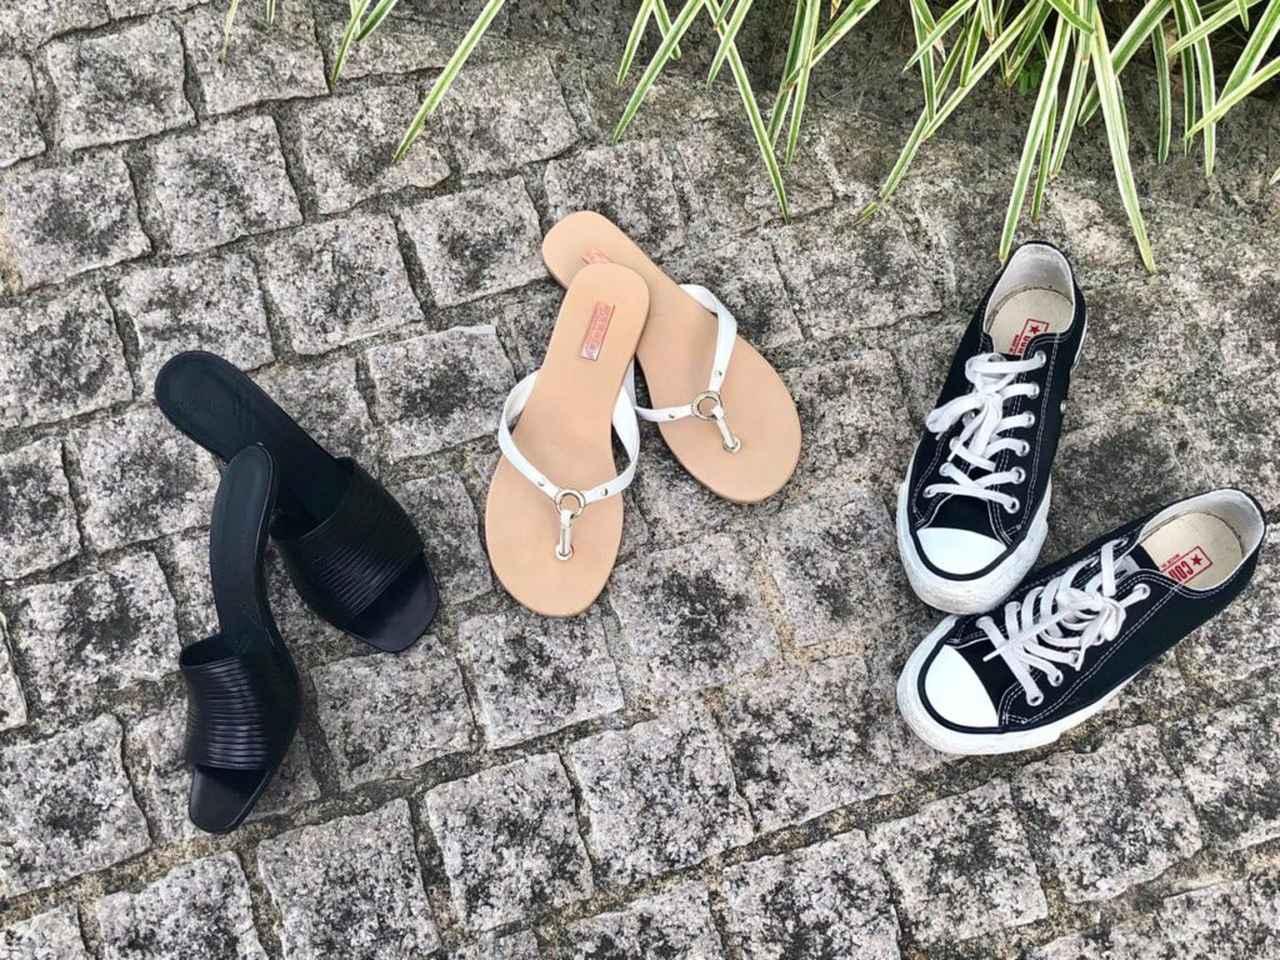 画像: [右]スニーカー:CONVERSE(本人私物) [中]サンダル:ALDO(本人私物) [左]ヒール靴:Maison Margiela(本人私物)